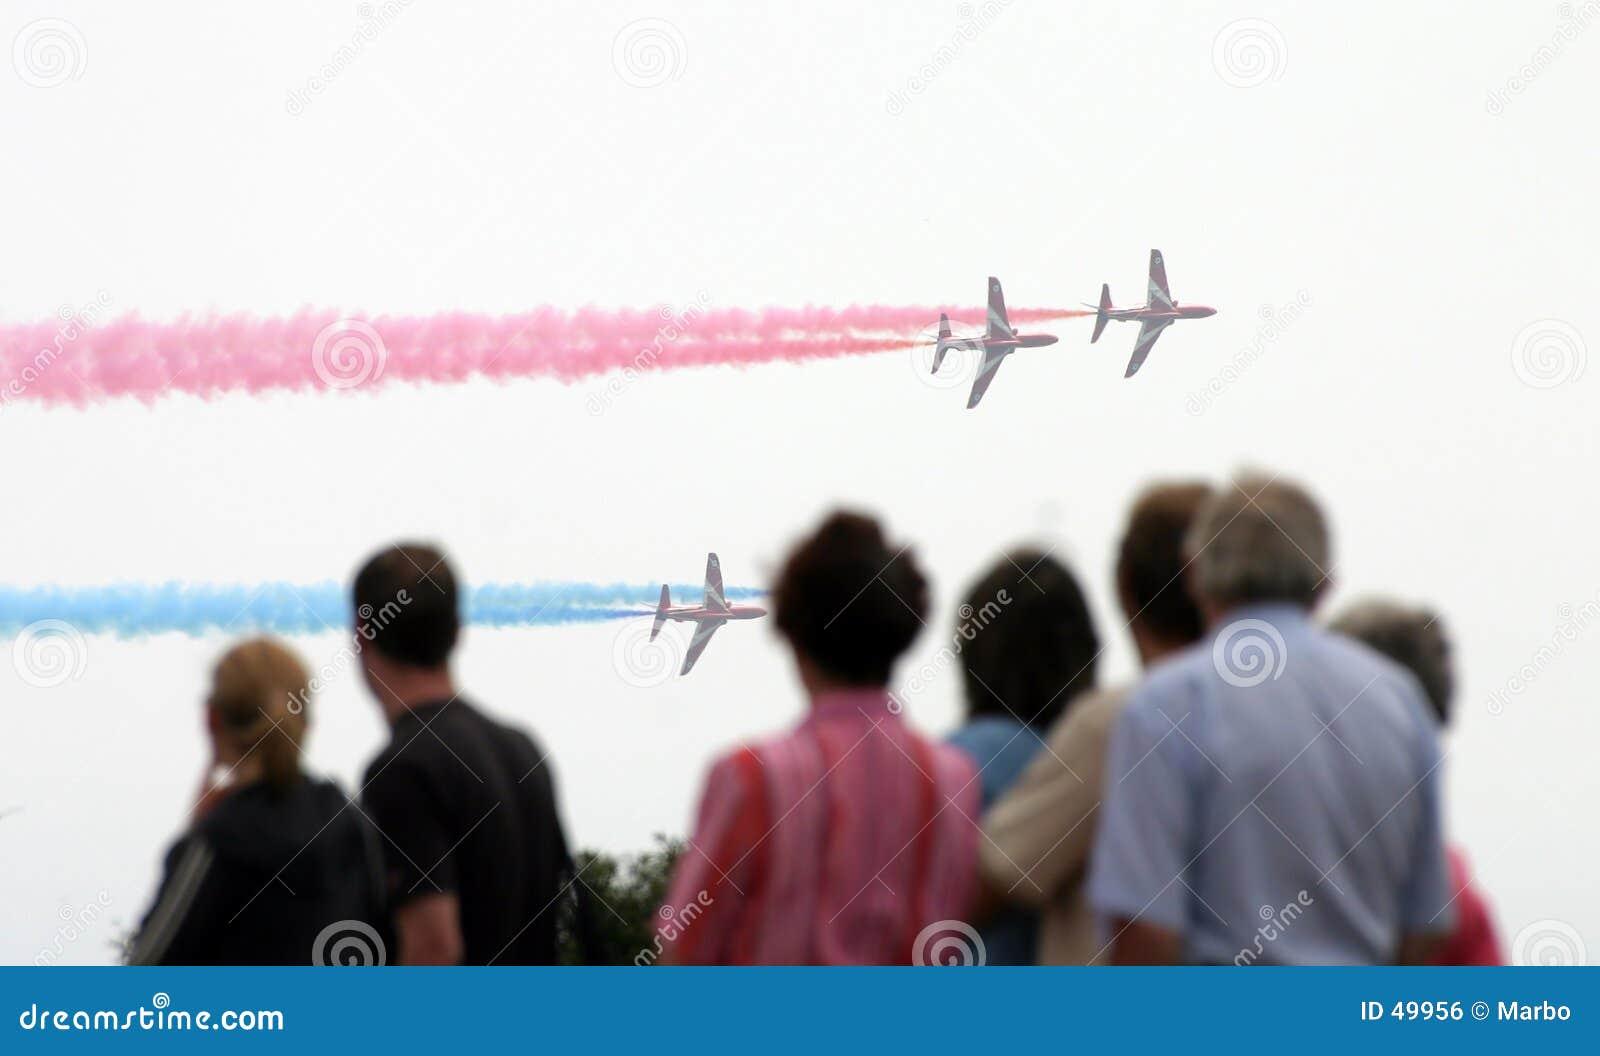 Espectadores de Airshow